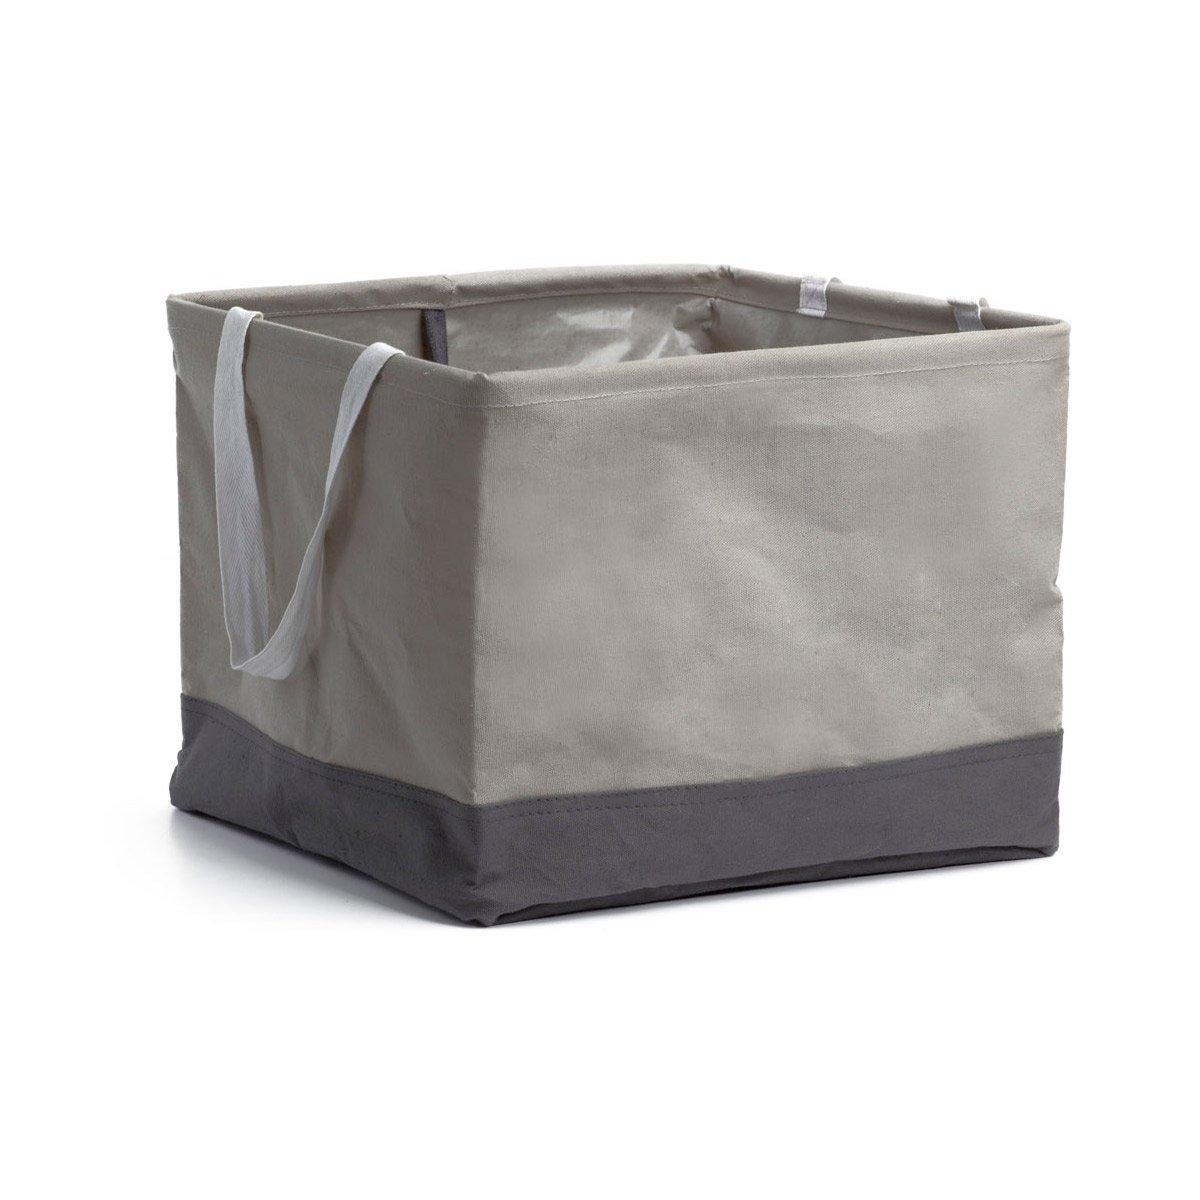 Accesorios De Baño Umbra:Bote crunch grande gris